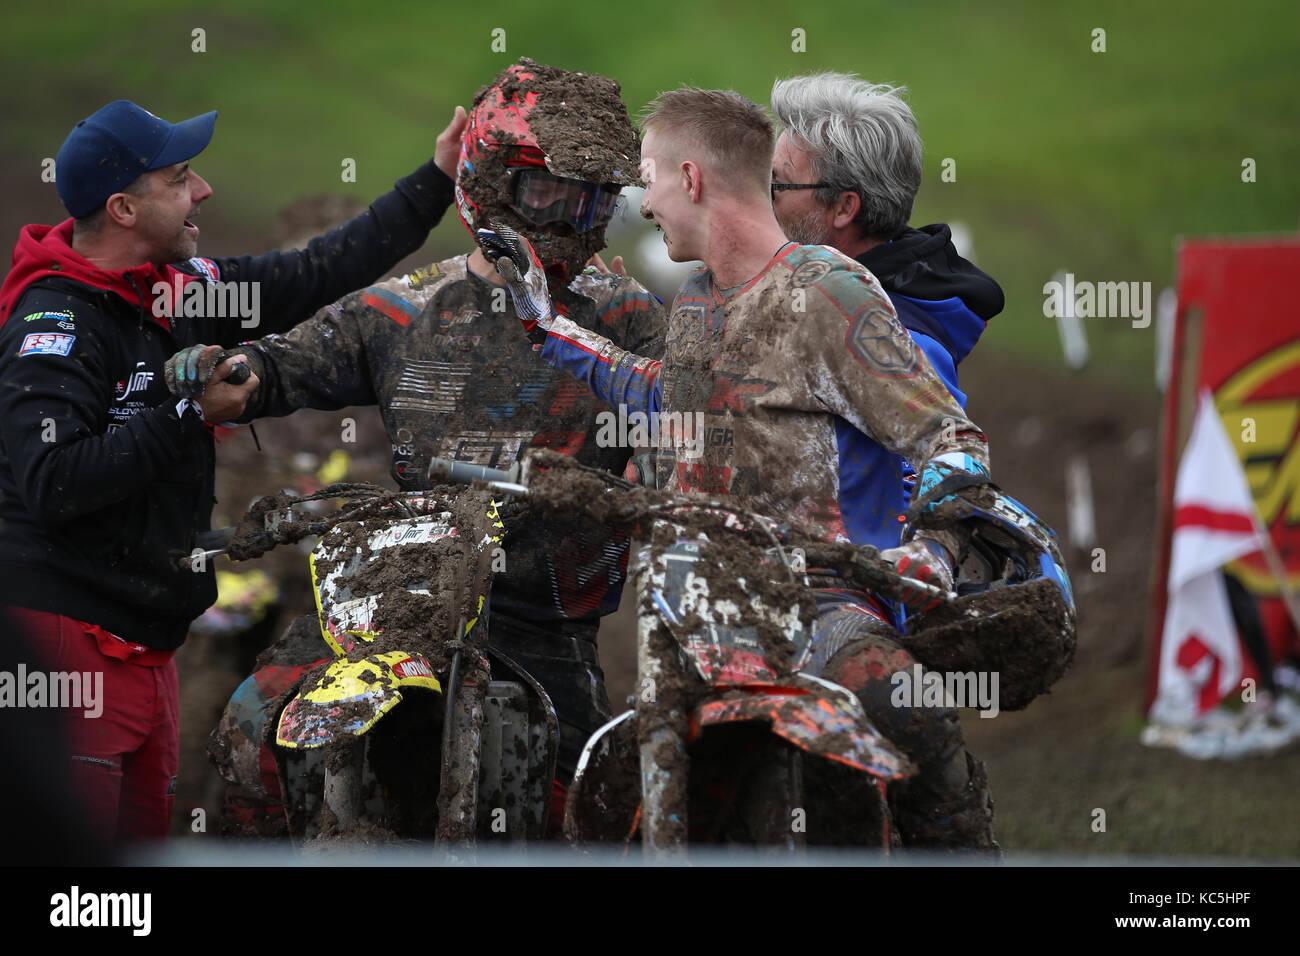 Monster Energy FIM Motocross of Nations at Matterley Basin .© Jason Richardson - Stock Image